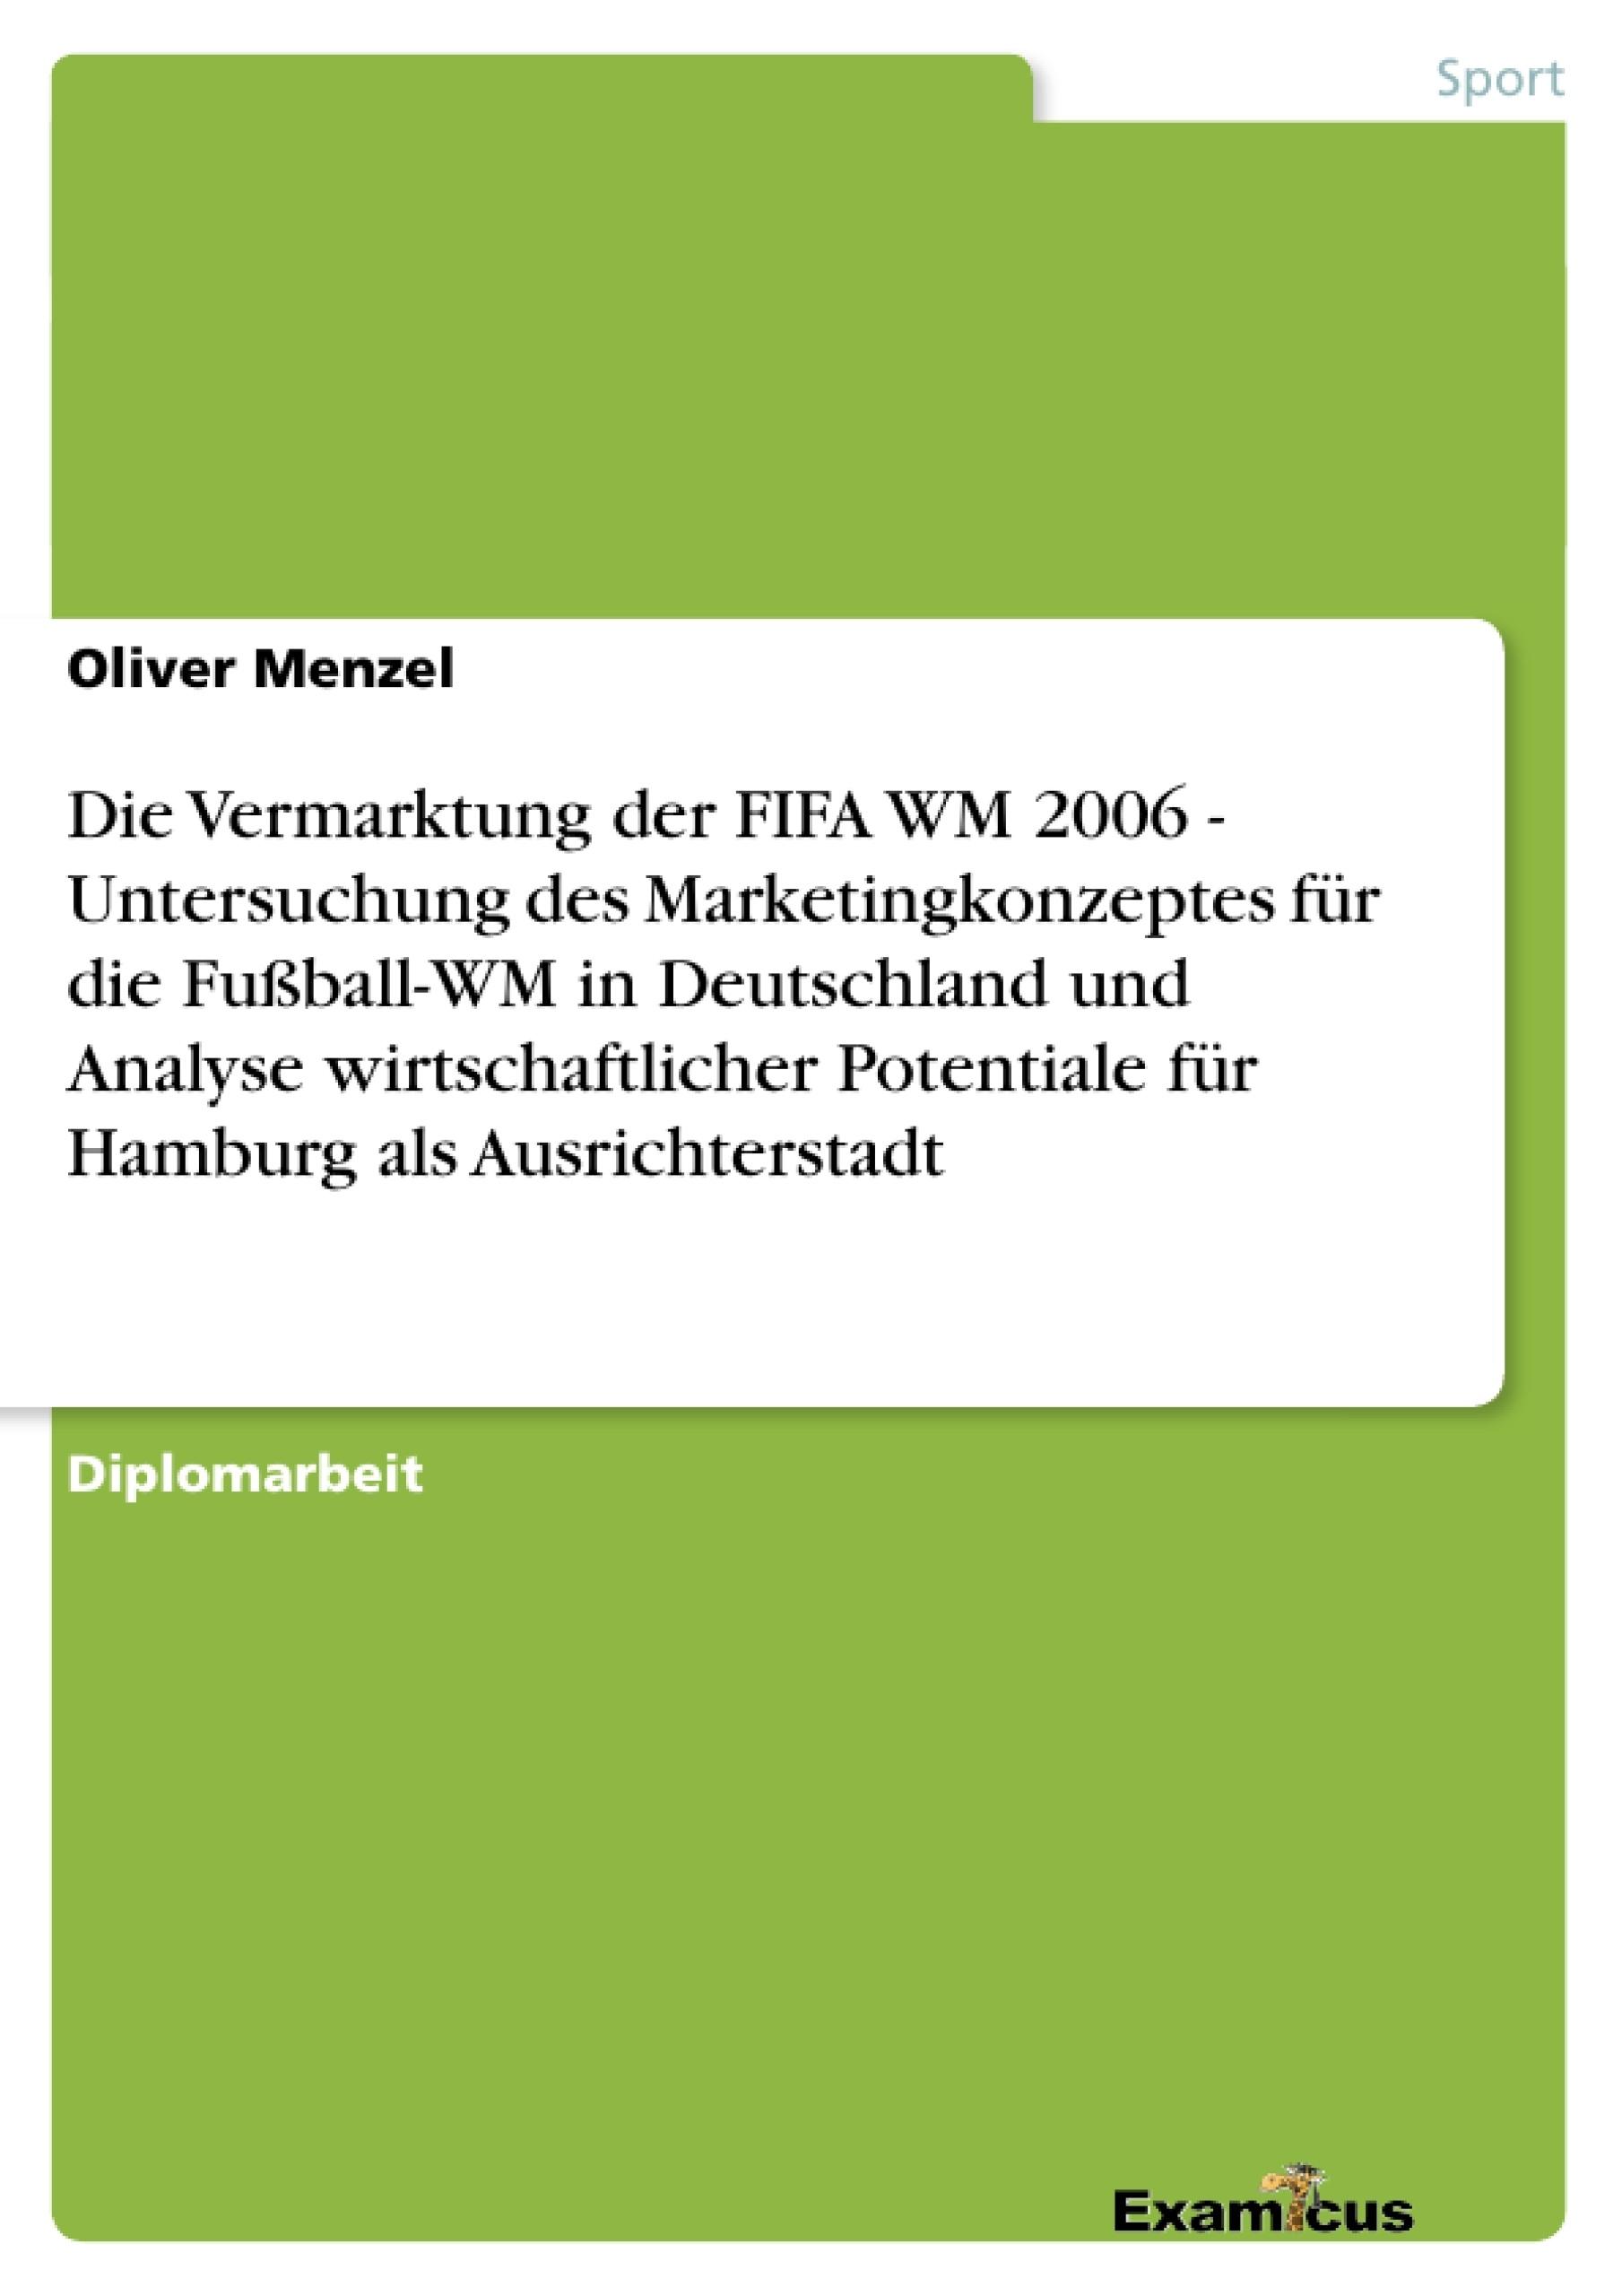 Titel: Die Vermarktung der FIFA WM 2006 - Untersuchung des Marketingkonzeptes für die Fußball-WM in Deutschland und Analyse wirtschaftlicher Potentiale für Hamburg als Ausrichterstadt